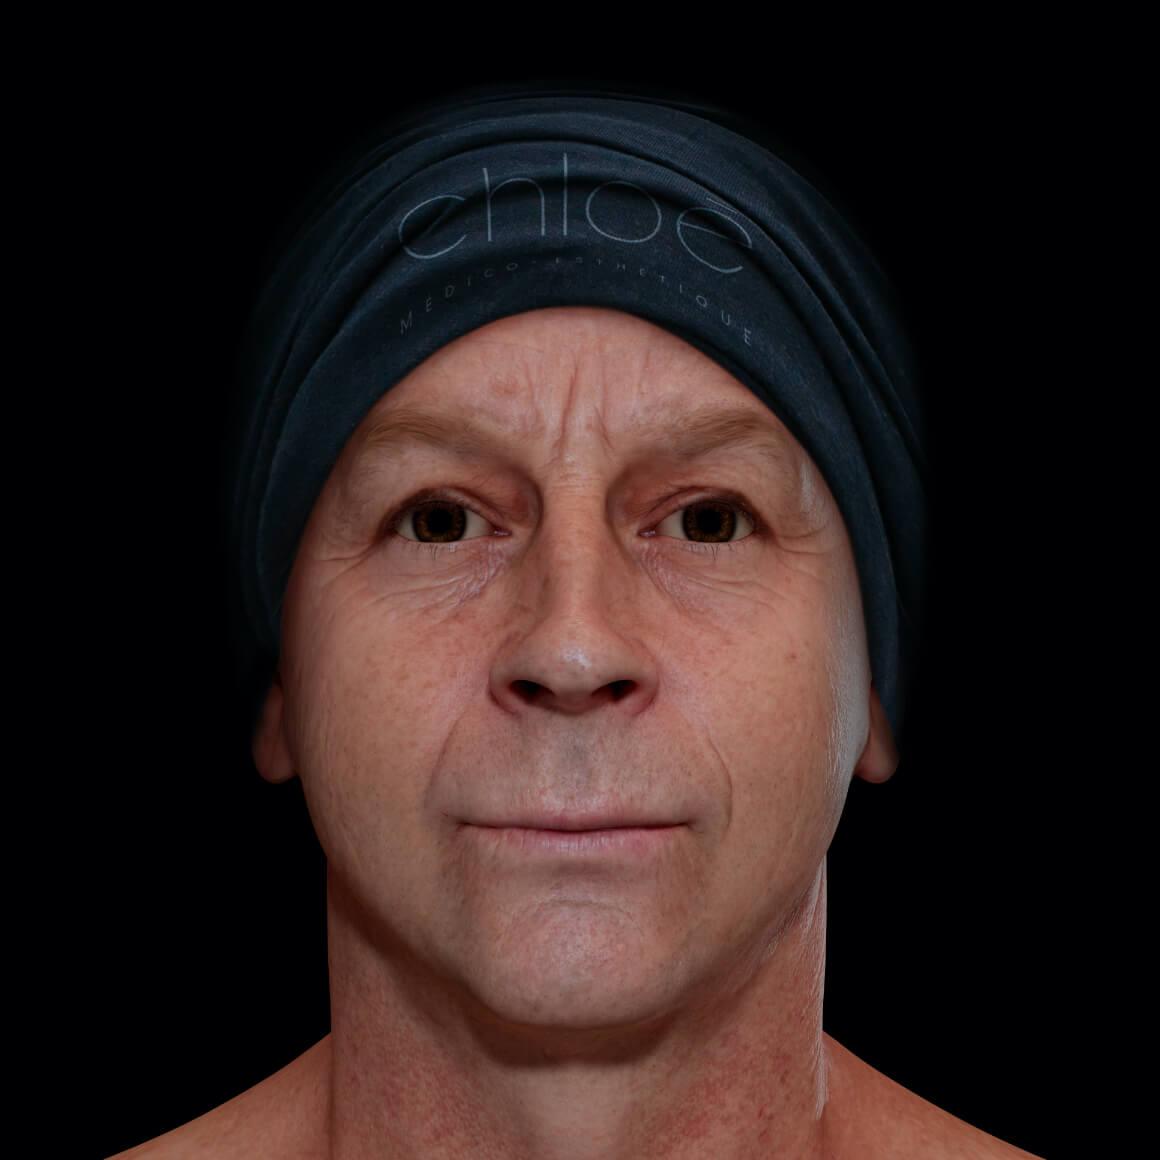 Patient de la Clinique Chloé positionné de face après des traitements de microneedling contre les pores dilatés